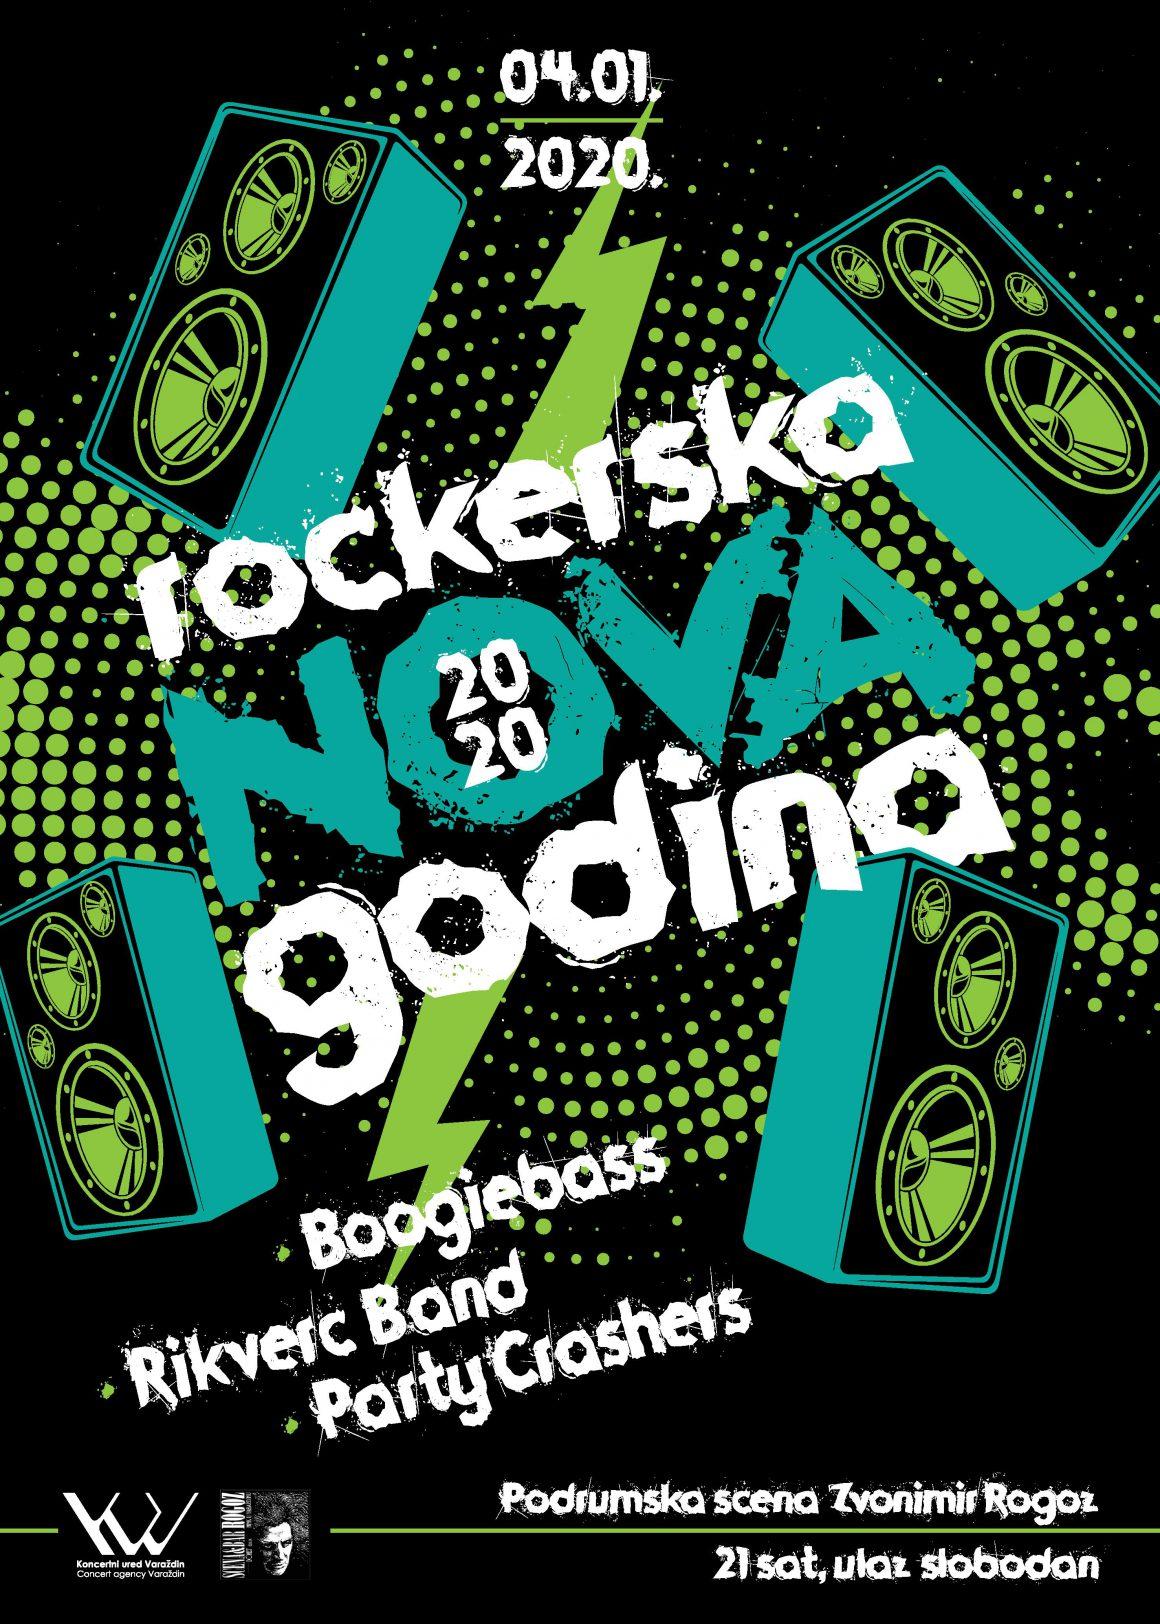 Rockerska Nova godina 04. siječnja u Rogozu